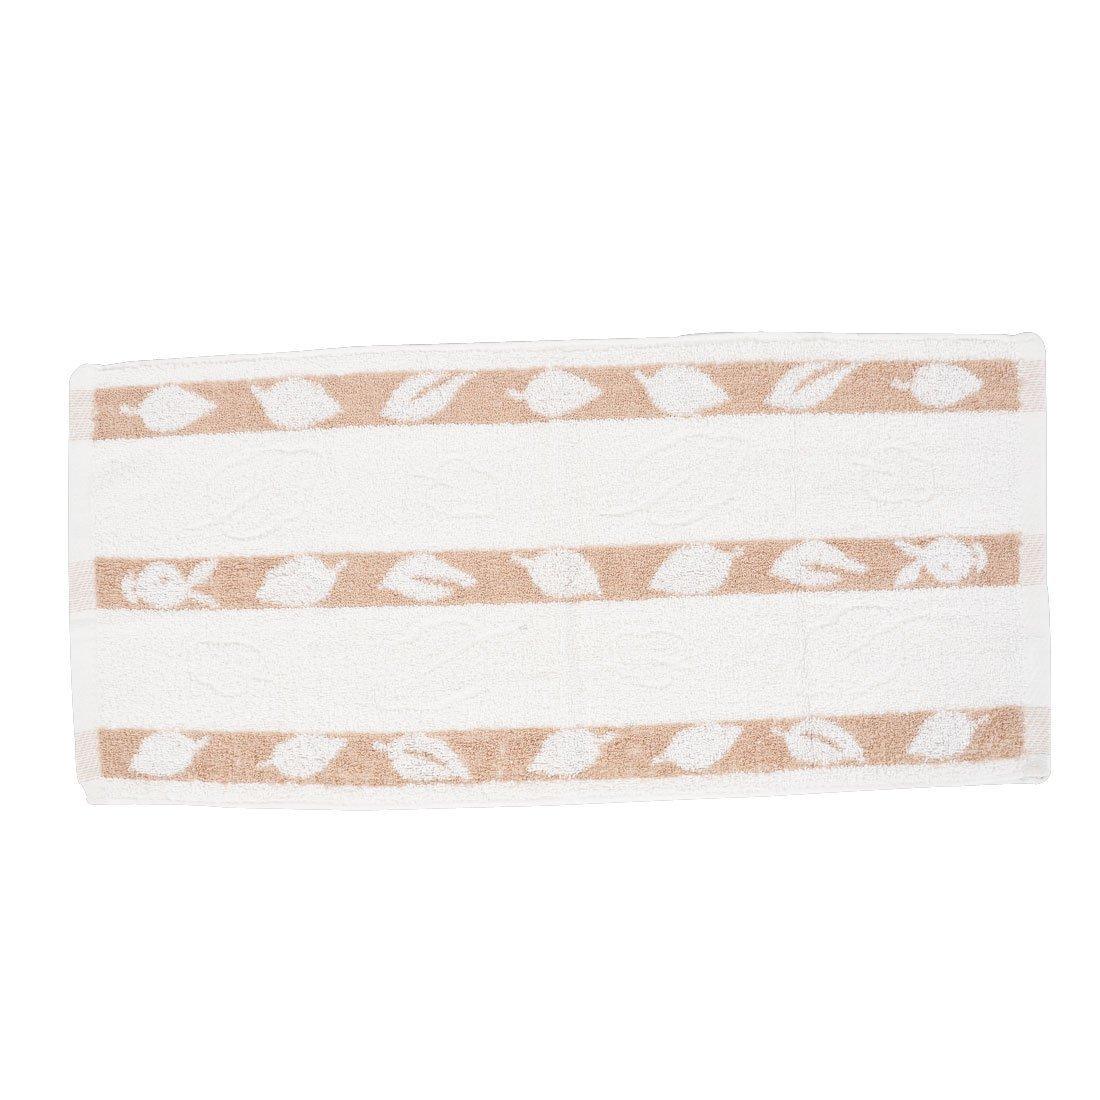 Amazon.com: eDealMax Mezcla baño del algodón cara de la Mano de limpieza de toallas Terry Toallita Blanco Marrón: Home & Kitchen